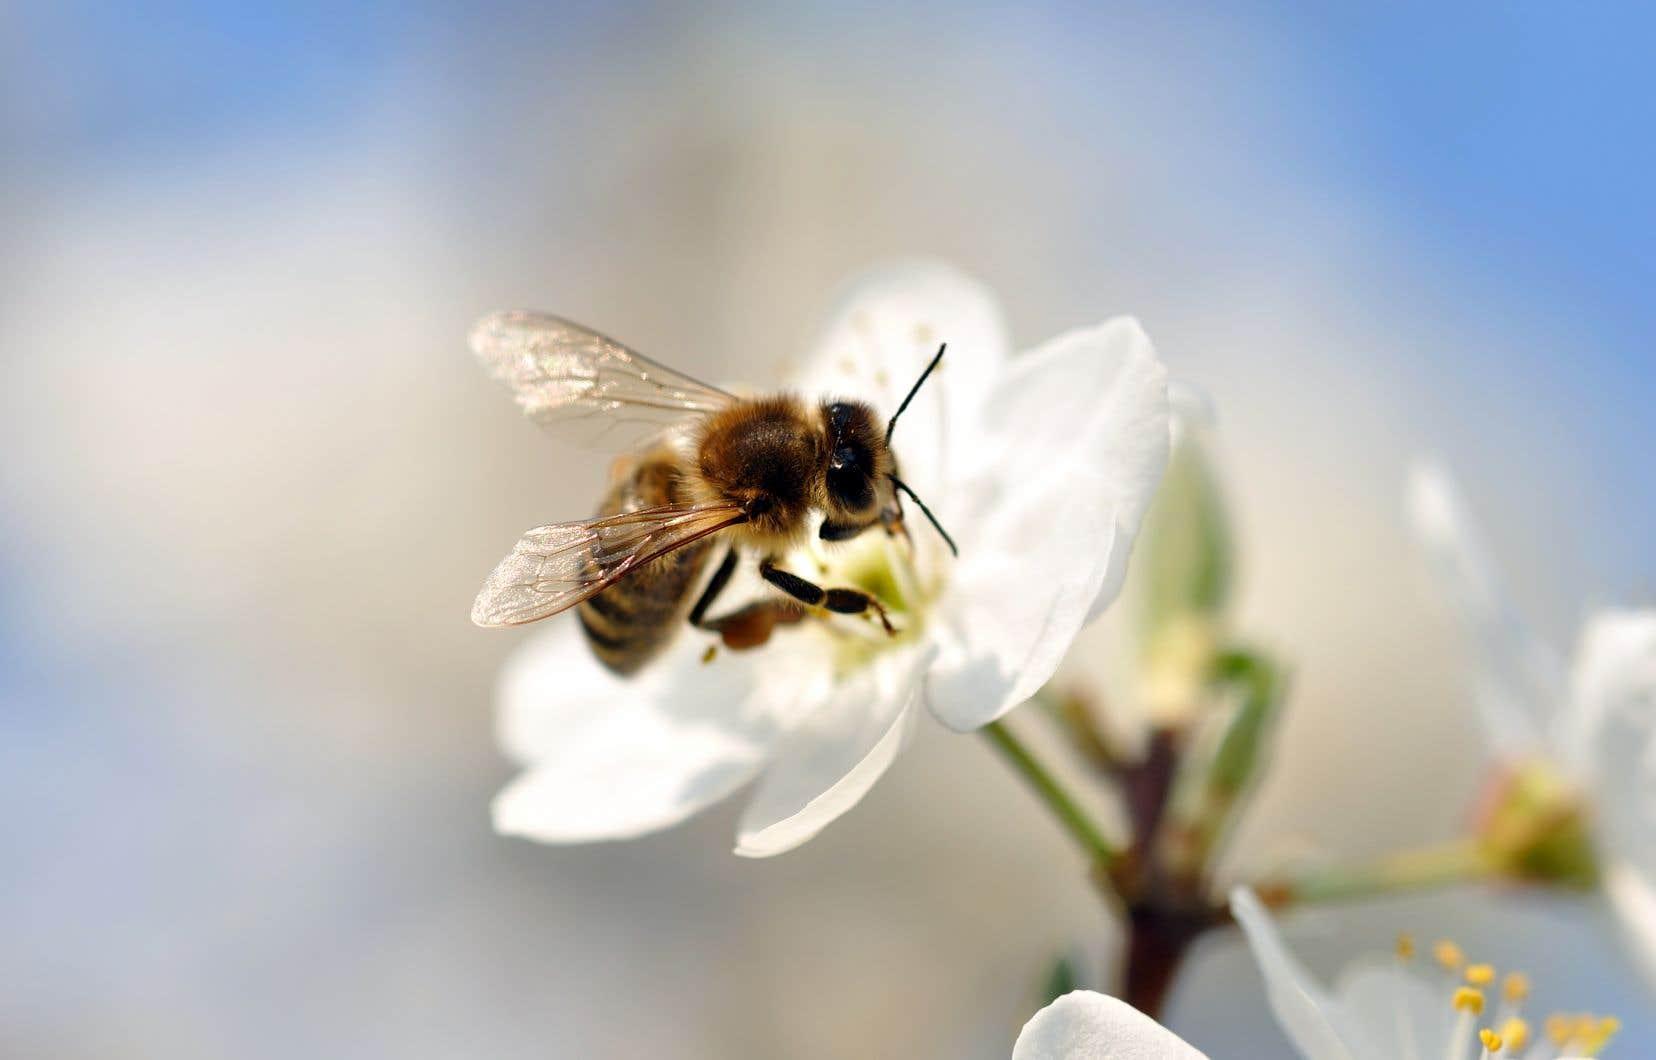 Le président du conseil d'administration du CEROM nie contredire les résultats obtenus par ce centre au sujet des pesticides néonicotinoïdes et leurs effets sur les abeilles.